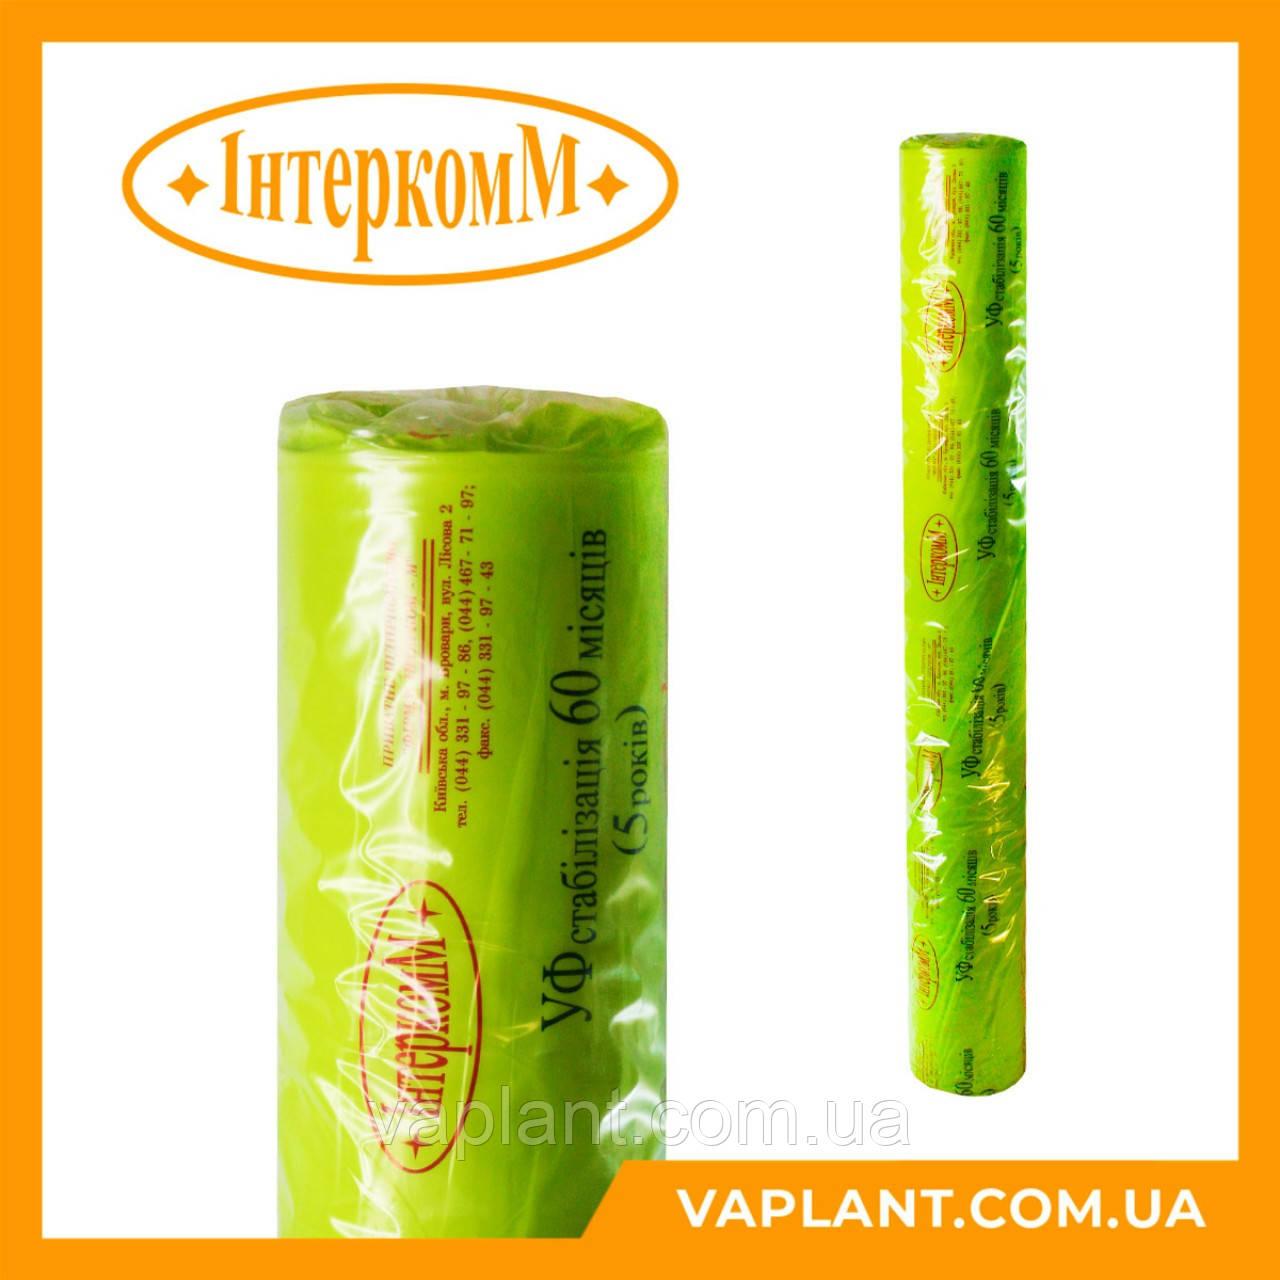 Пленка тепличная СУПЕР УФ-стабилизированная на (5 лет) 6м/50м - 150 мкм